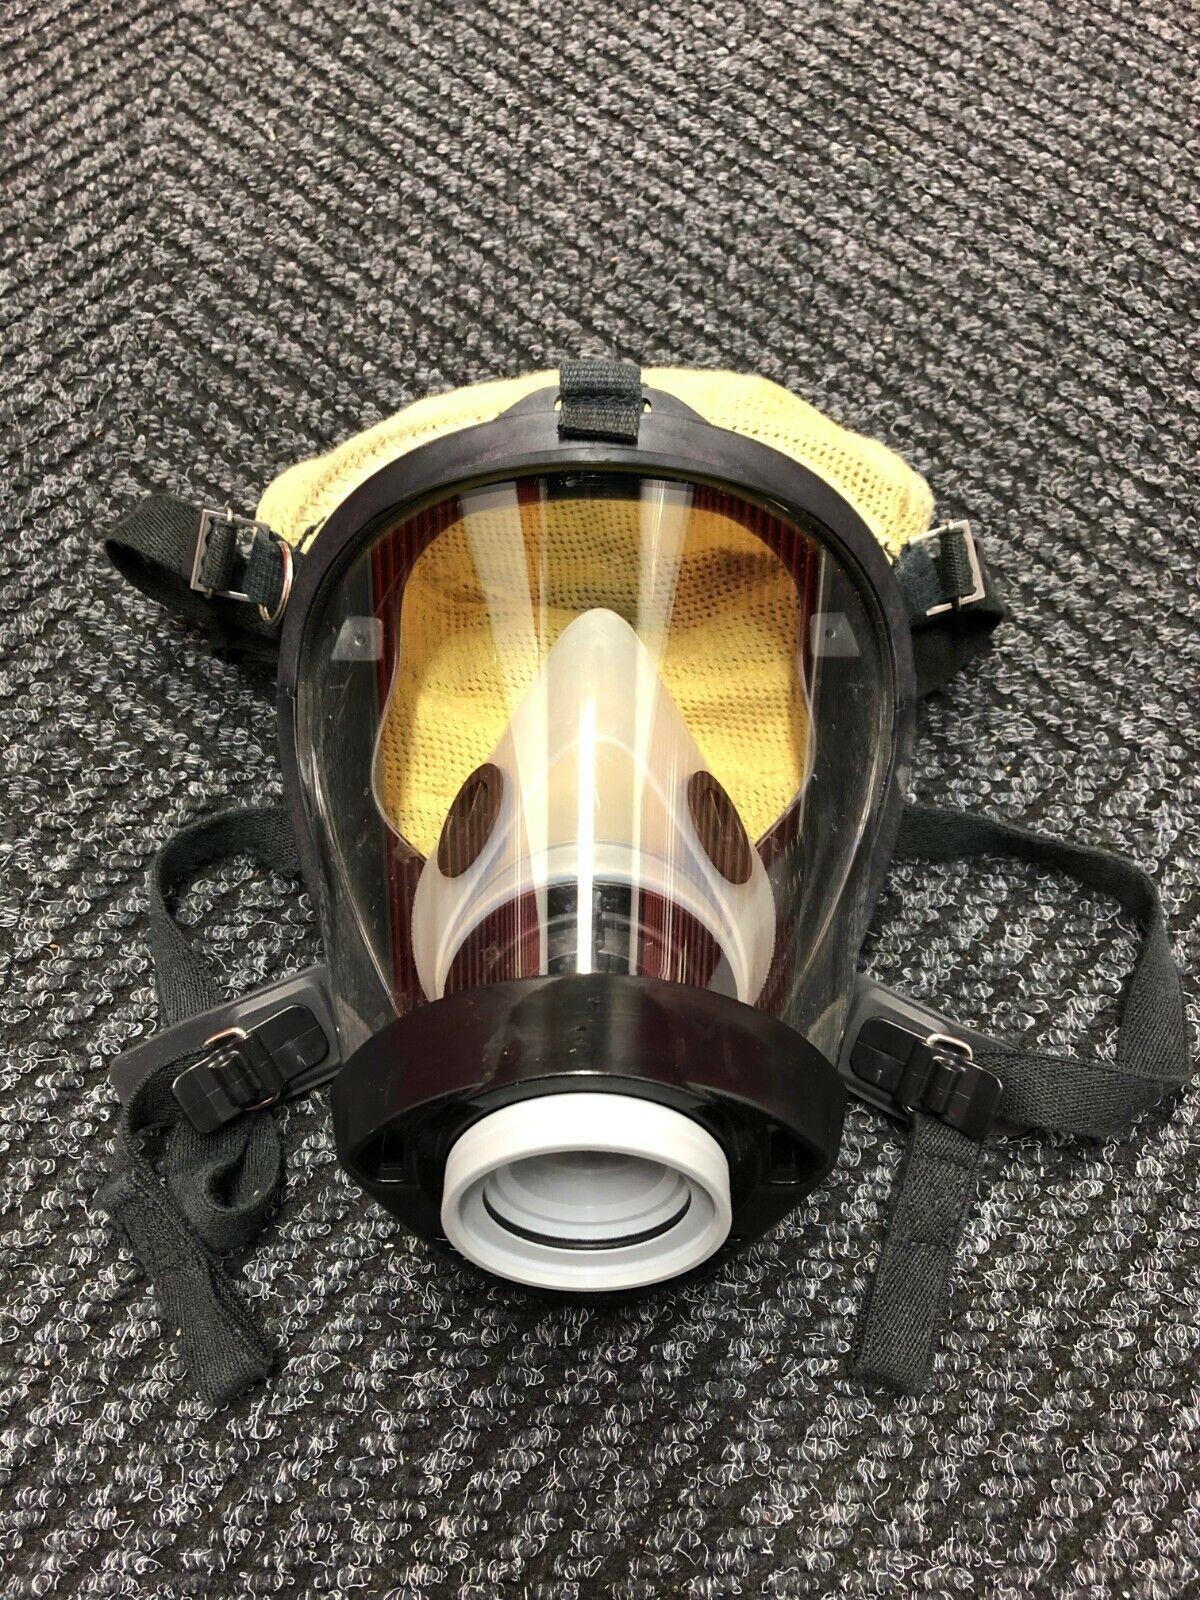 Survivair Panther 252026 Full Face SCBA Facepiece with Nosecup - Medium